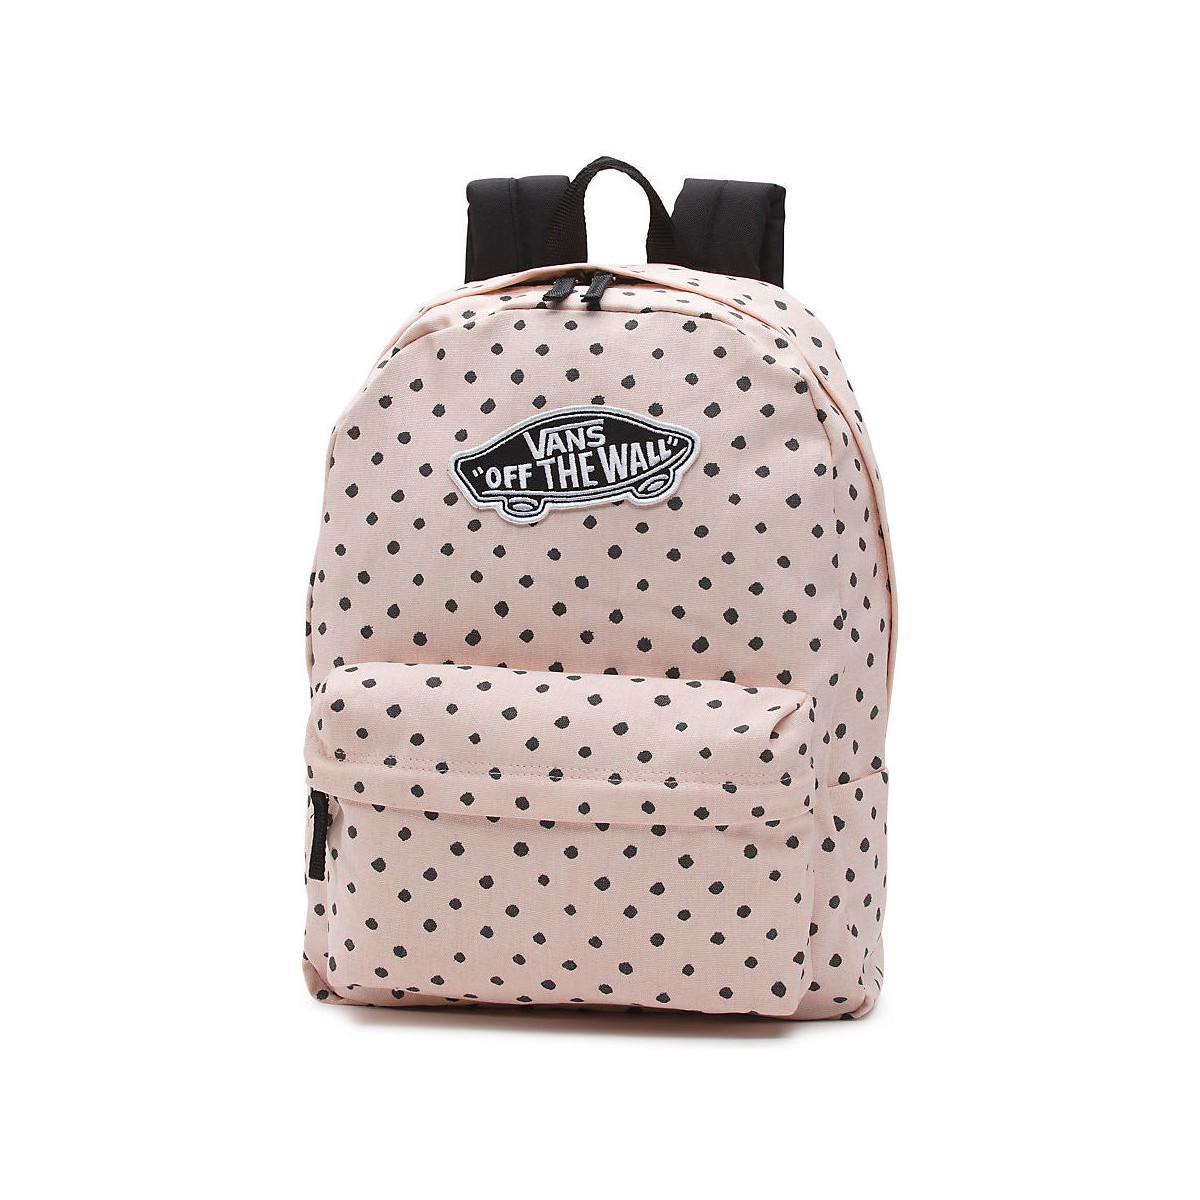 afa377f0dea38 Vans Mochila Realm Backpack Women s Backpack In Pink in Pink - Lyst